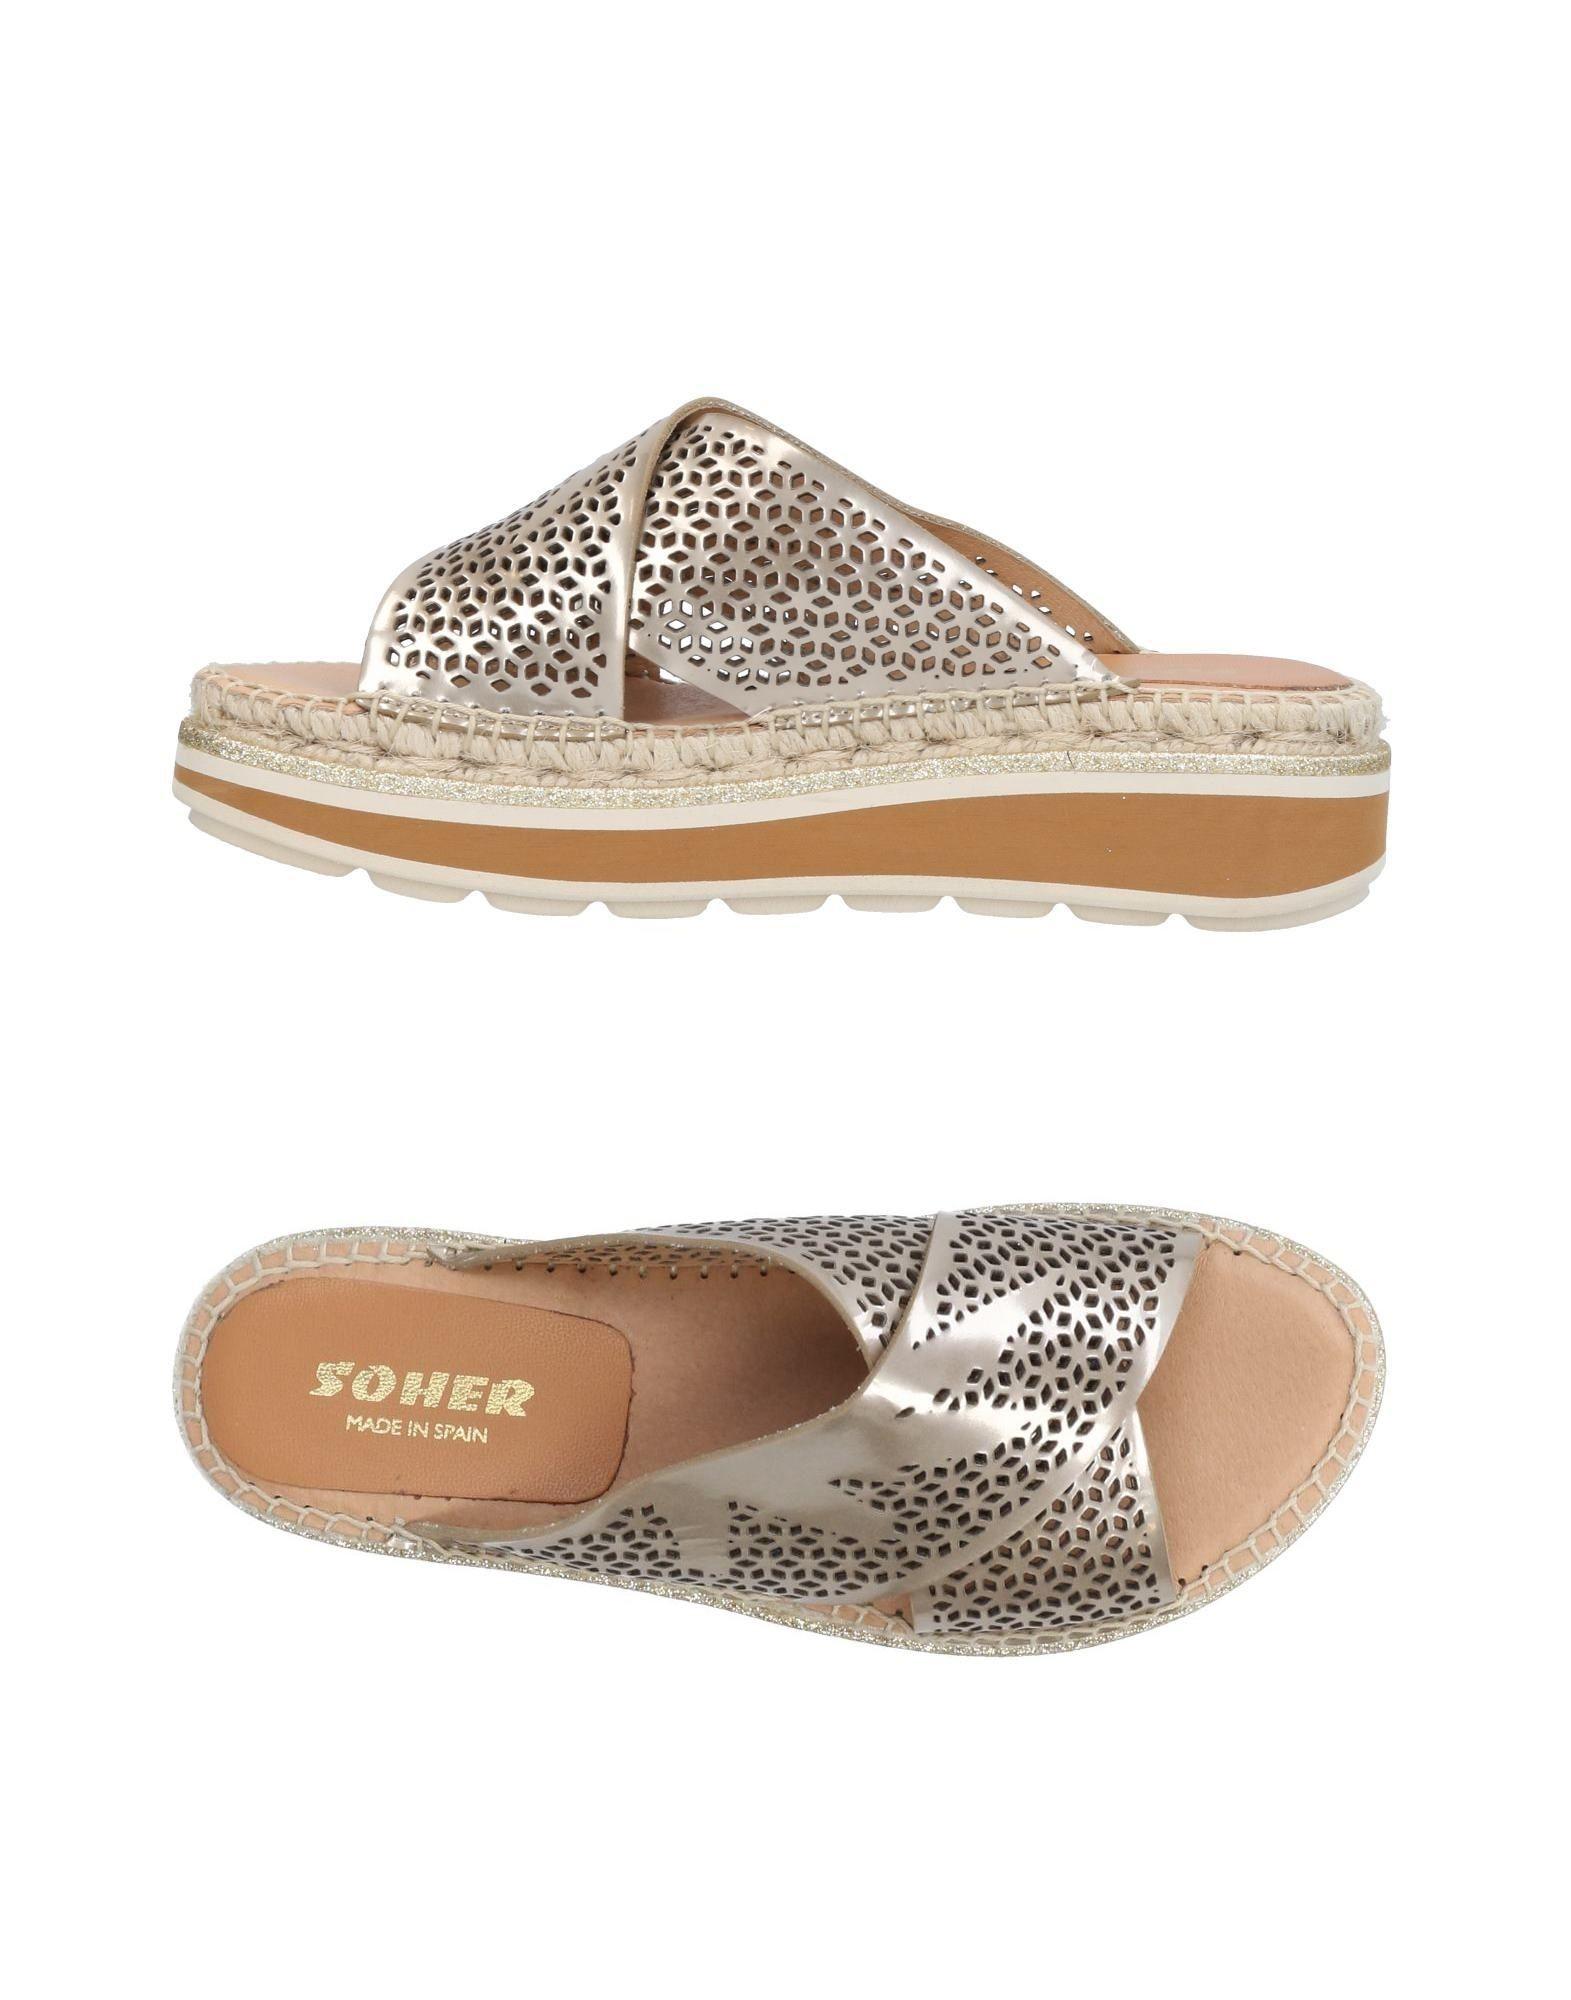 Soher Sandalen 11460546UP Damen  11460546UP Sandalen Gute Qualität beliebte Schuhe b75e2d